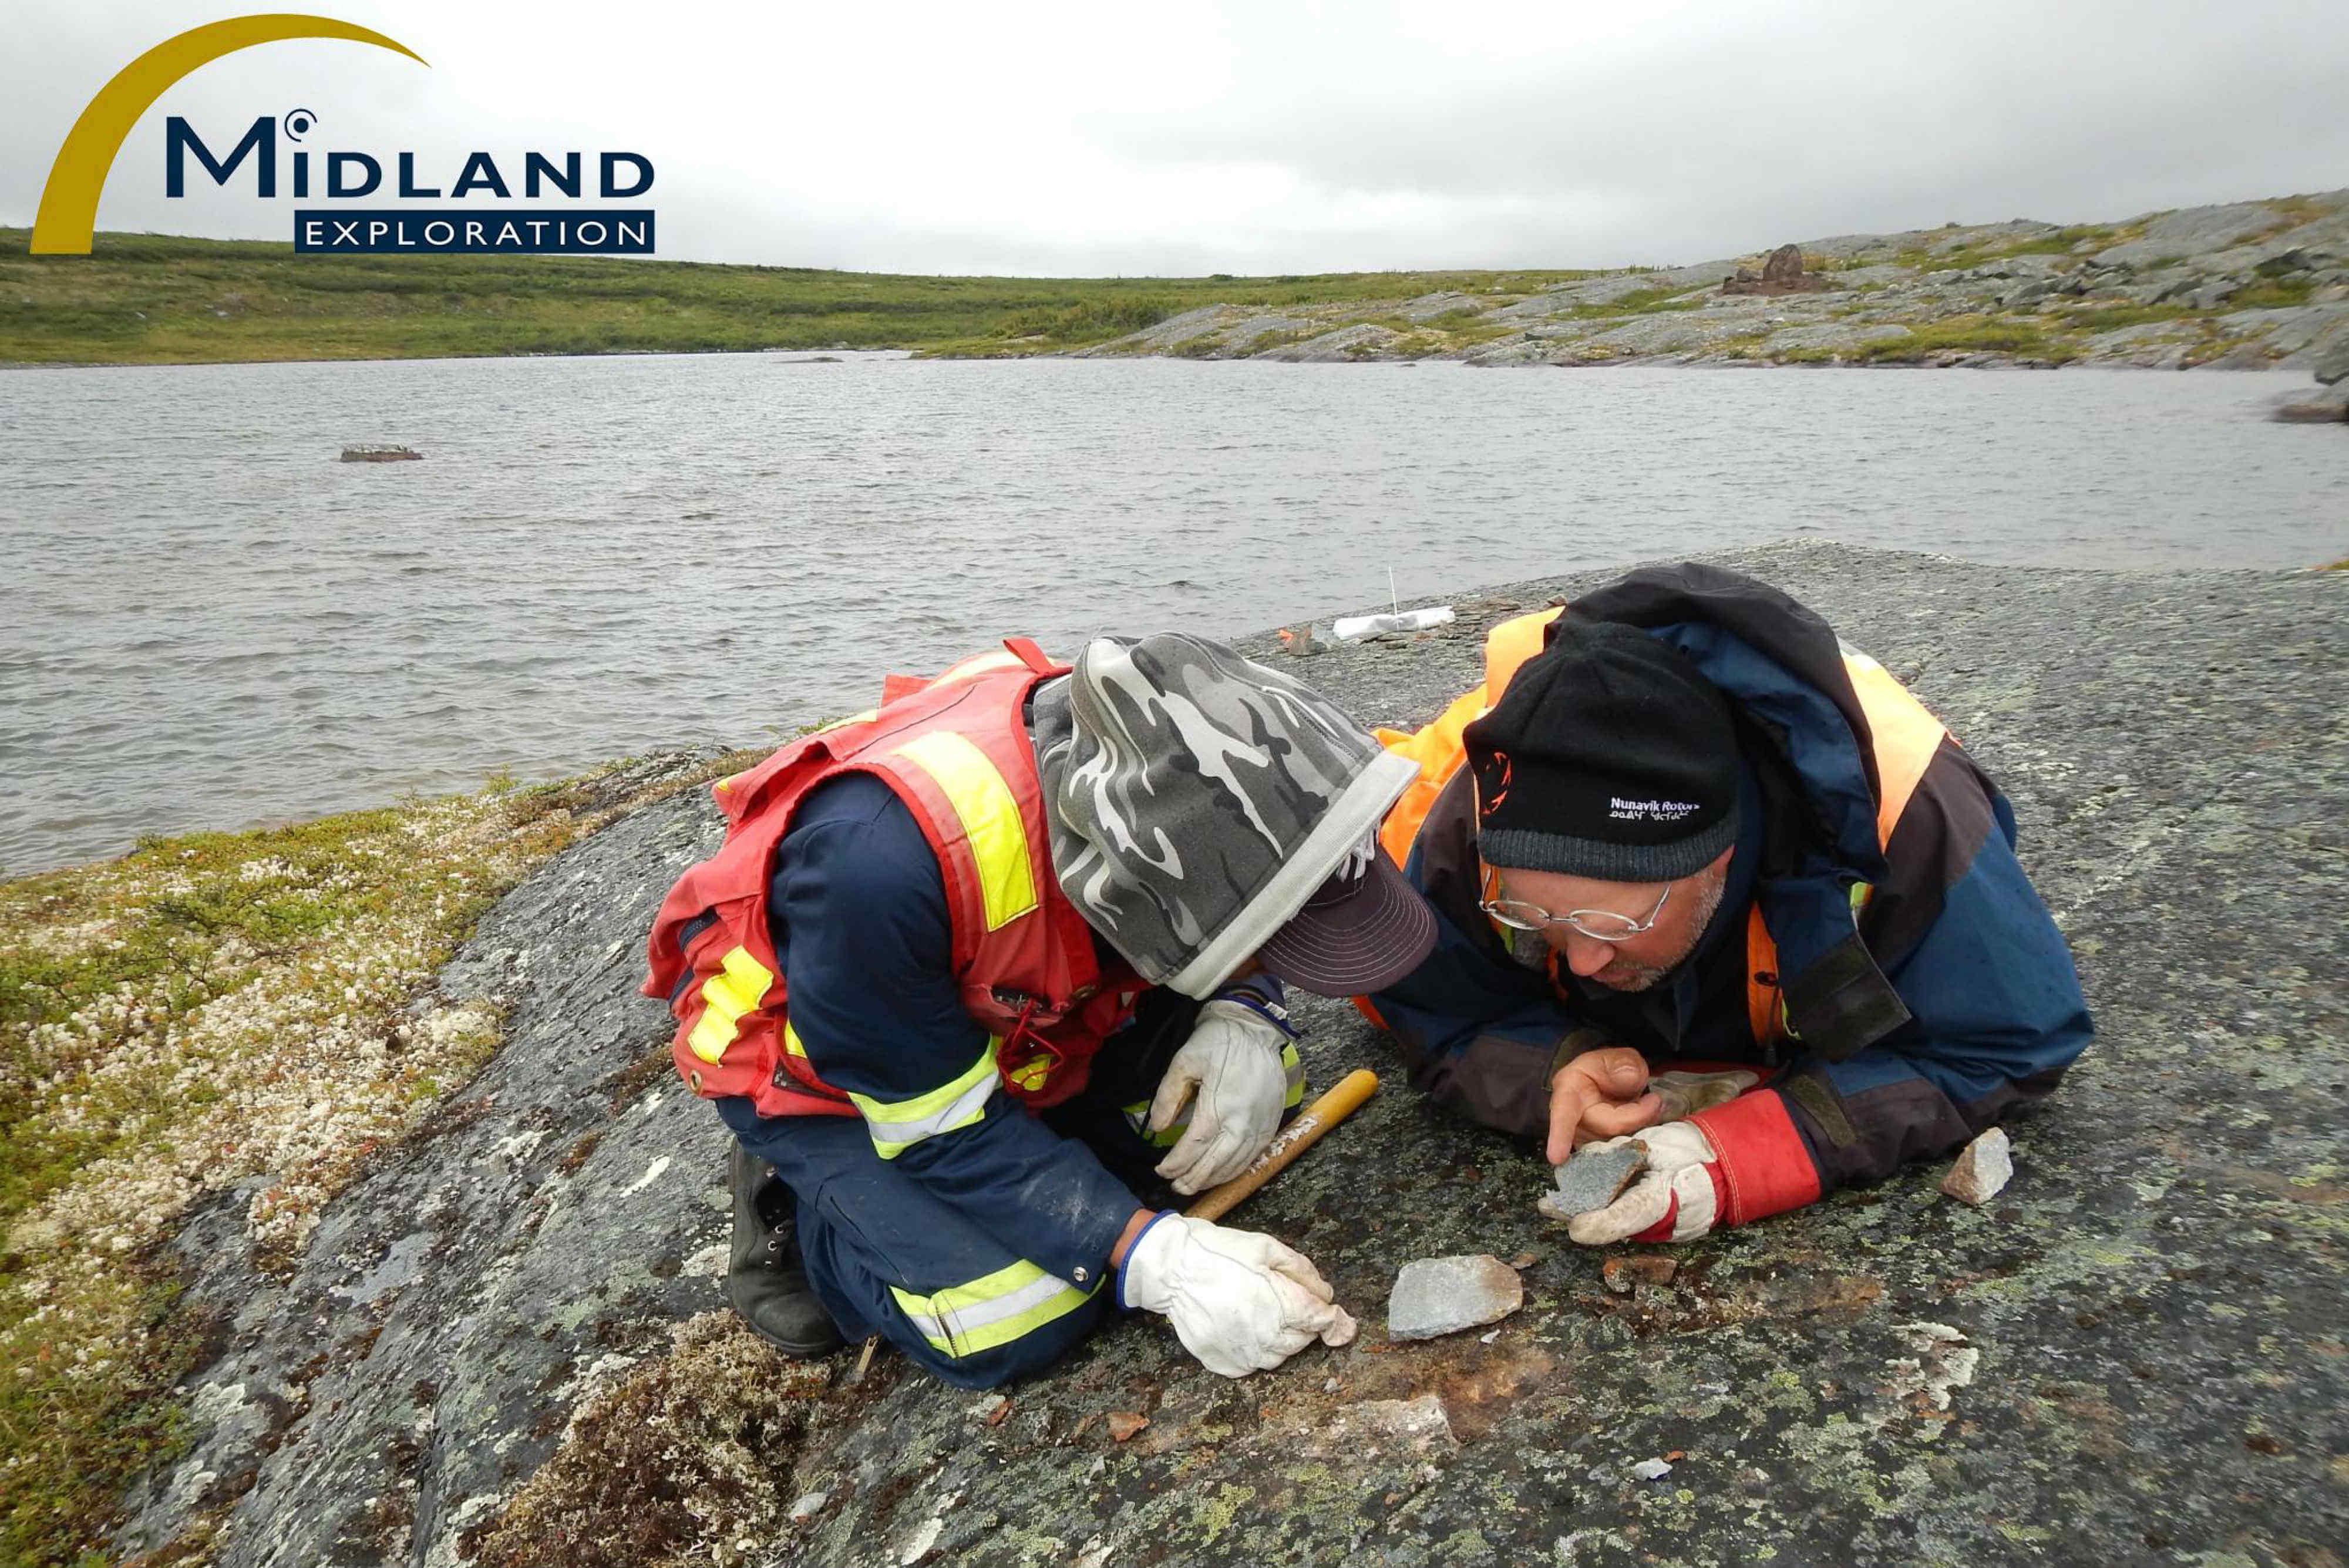 Midland_exploration_baie_james